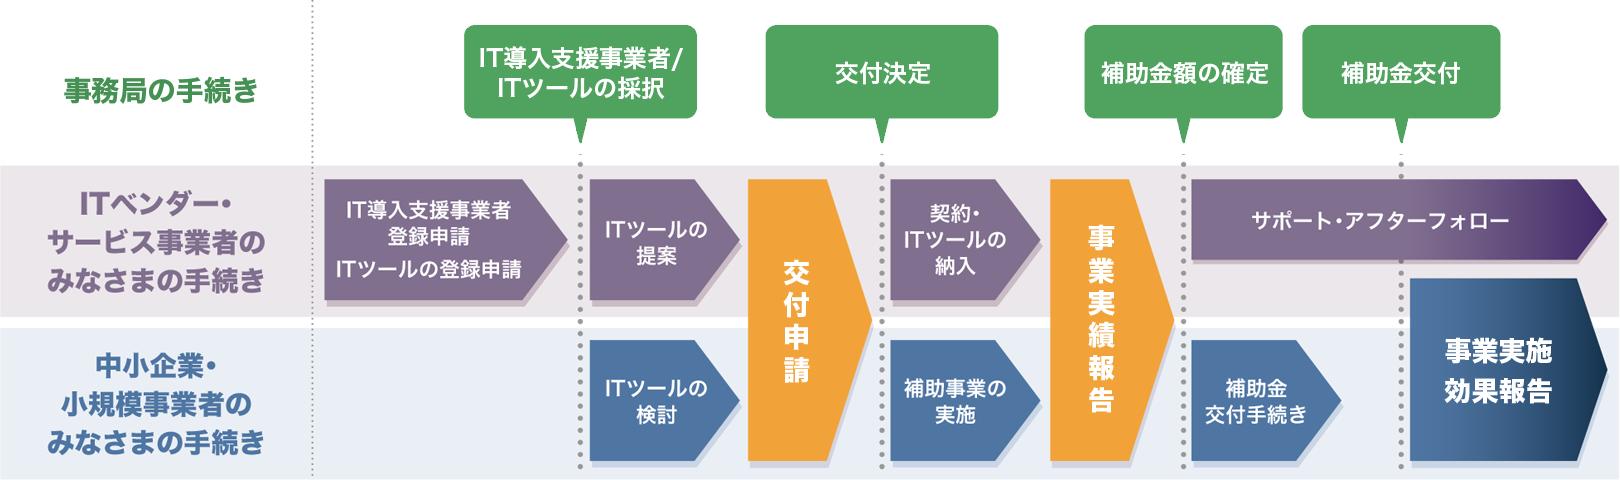 事業の構造